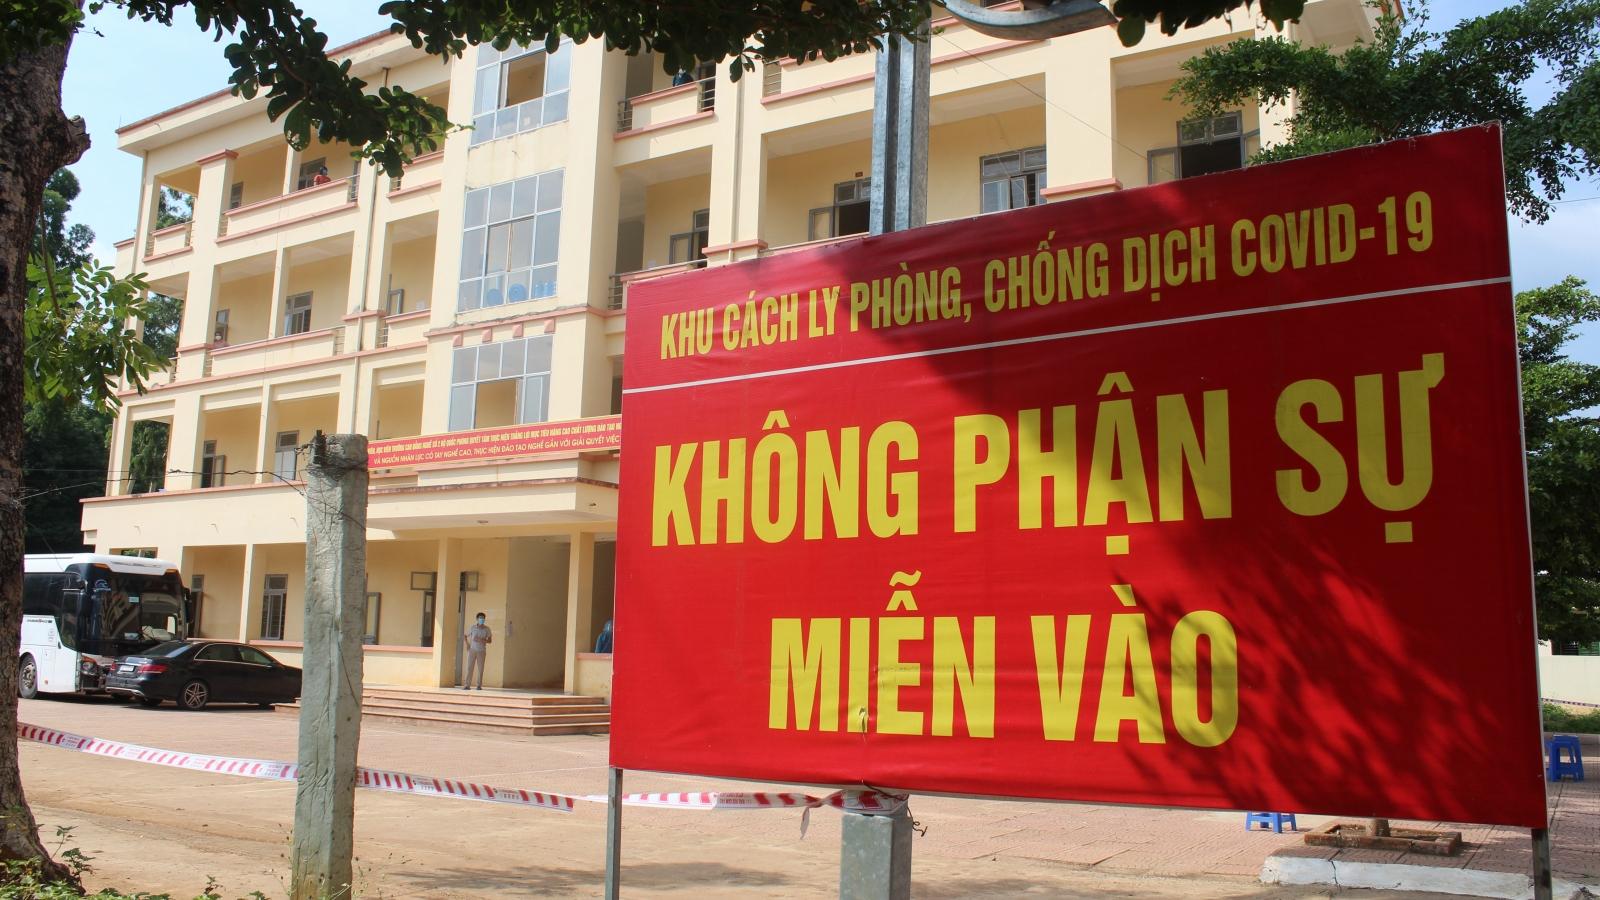 Sơn La tạm dừng một số hoạt động kinh doanh, giải trí từ 12h ngày 26/7